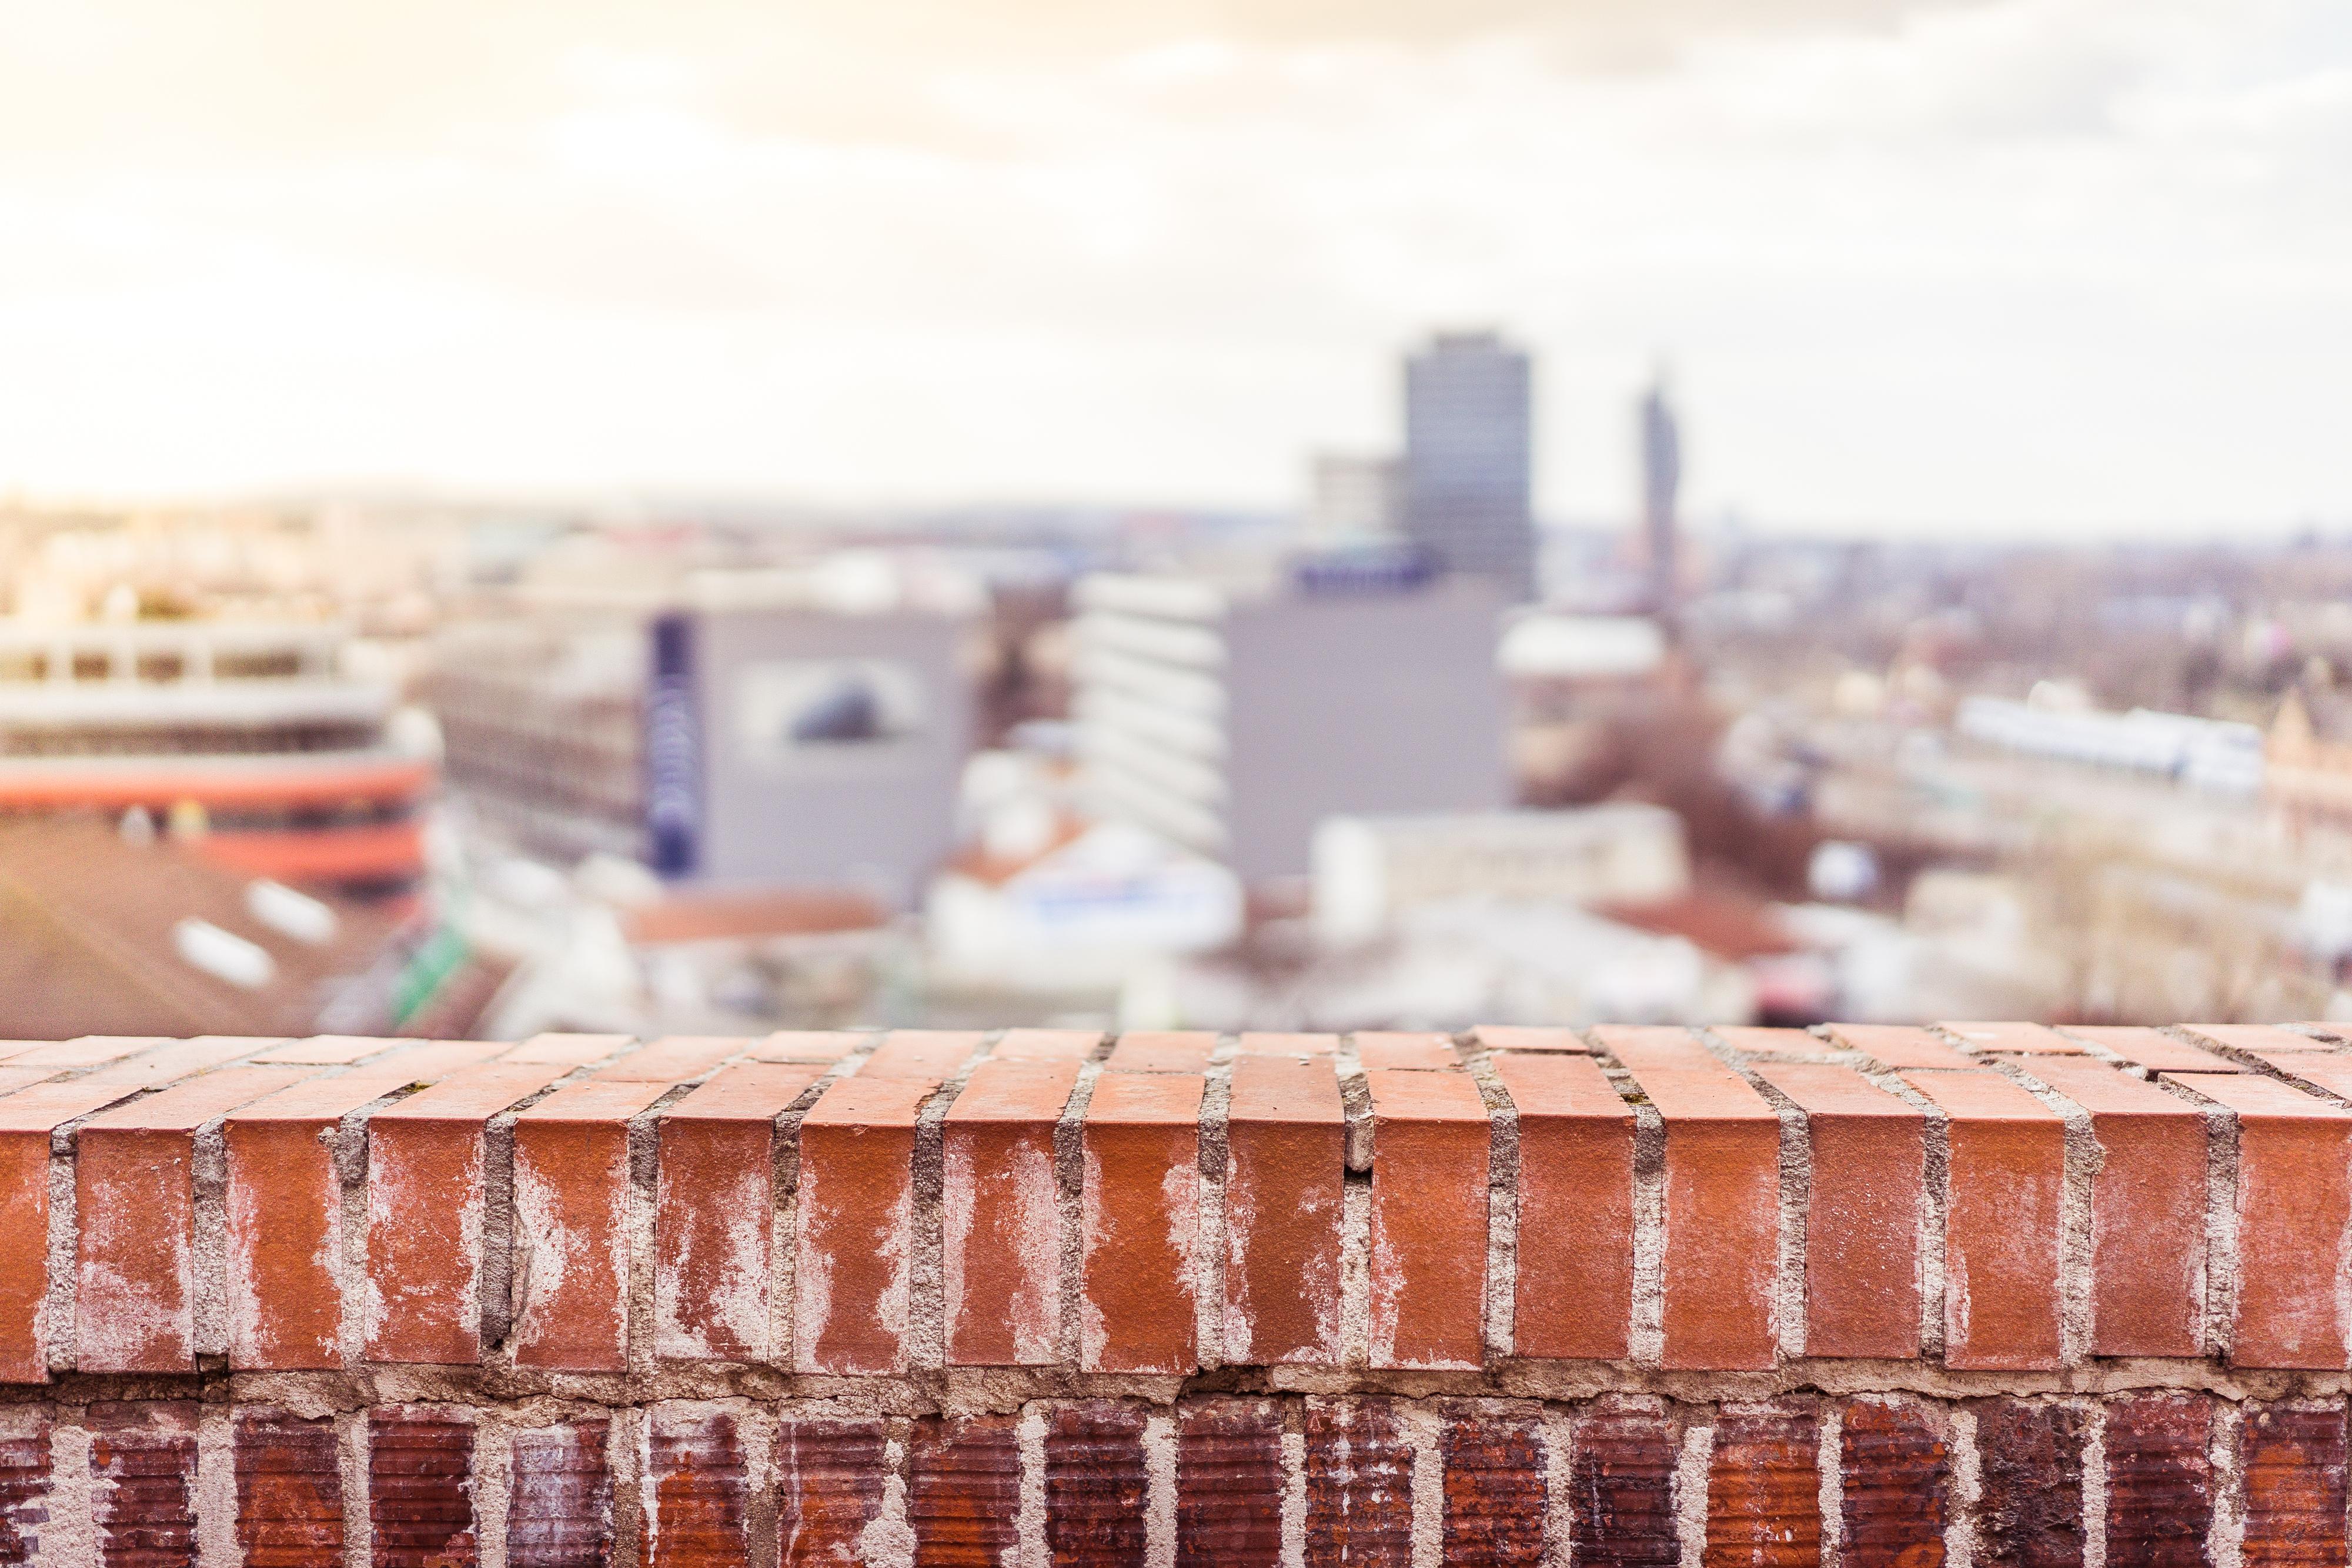 Immobiliensuche und Baufinanzierung ist neben objektiven Kriterien immer auch eine Bachentscheidung. Dabei kommt es auf die richtige Mischung an.